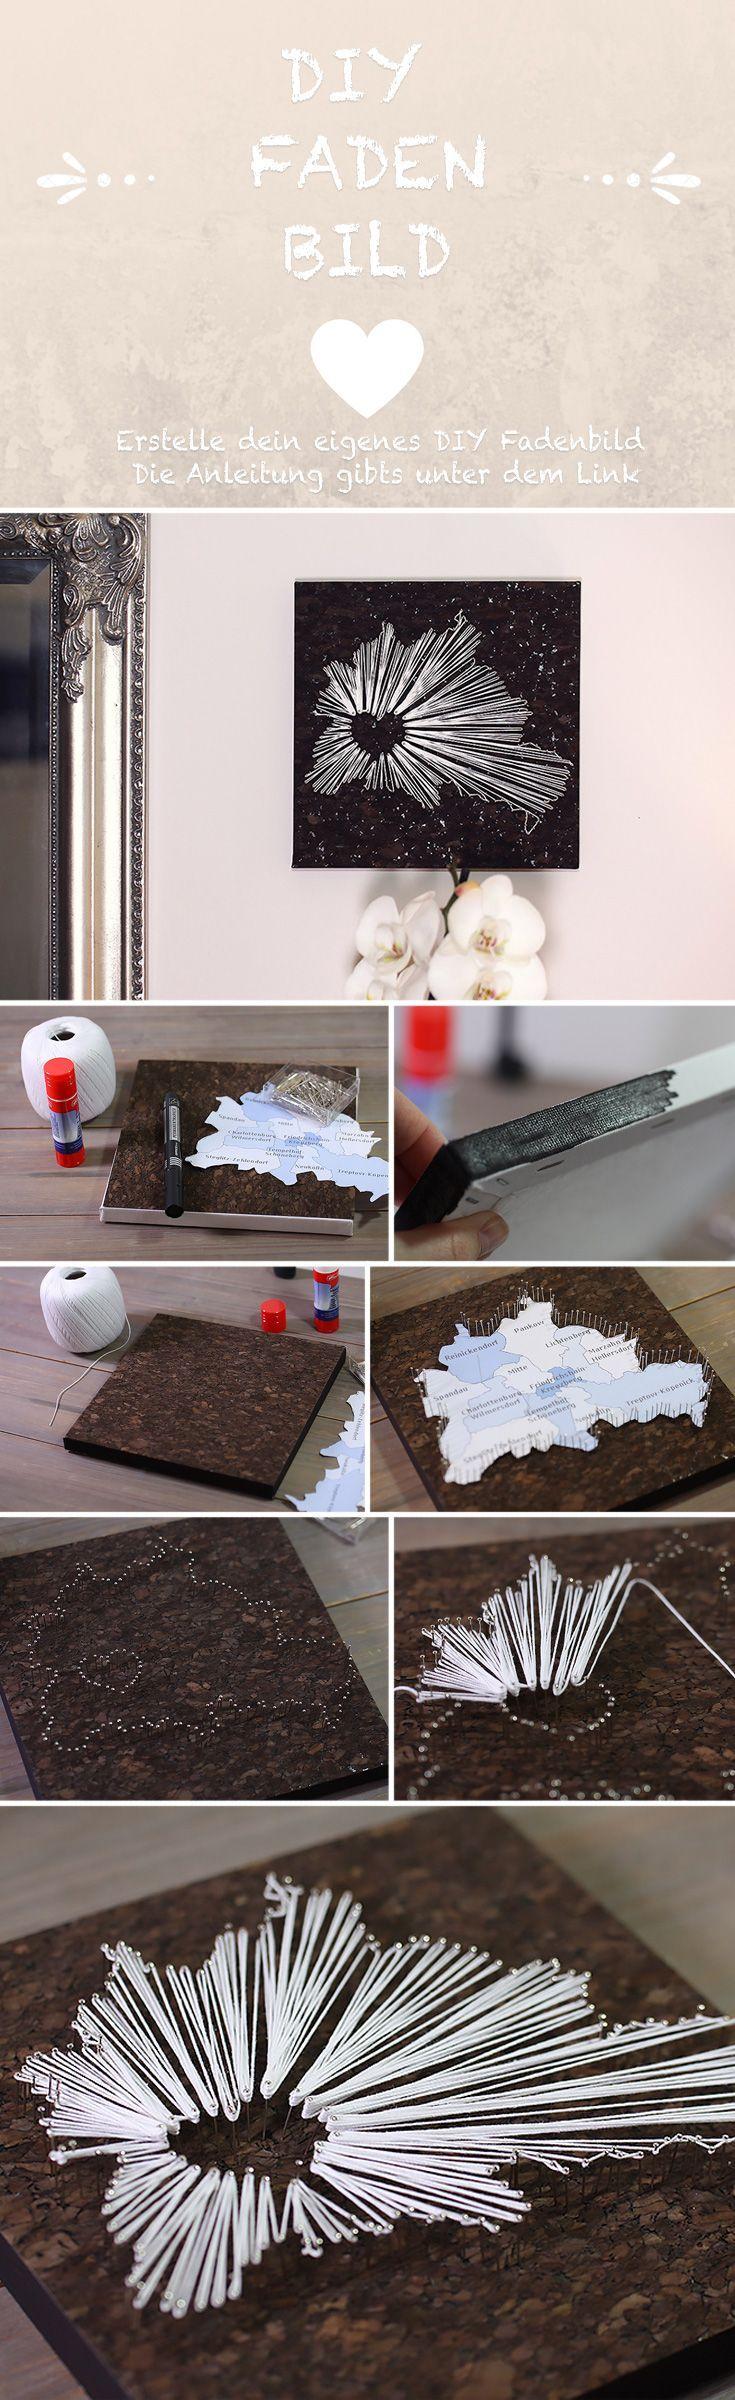 850 besten diy deko bilder auf pinterest dr who instagram und leinwand. Black Bedroom Furniture Sets. Home Design Ideas